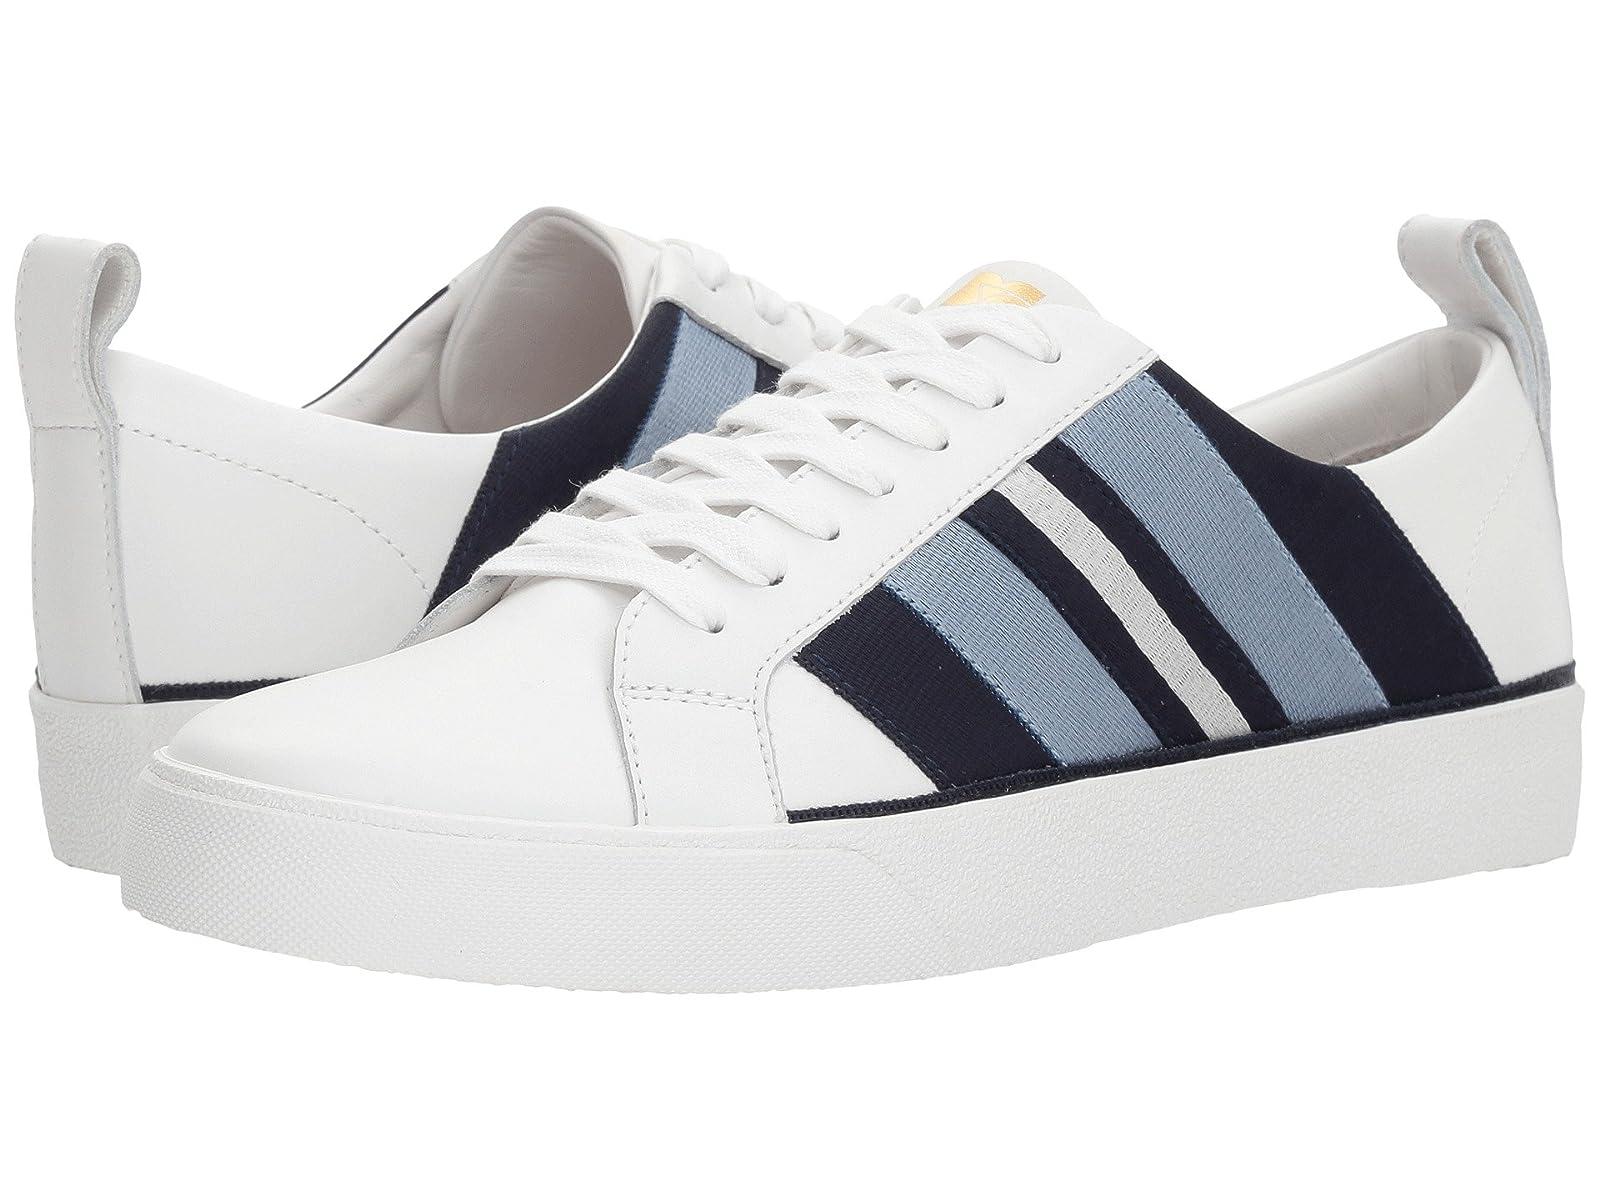 Diane von Furstenberg TessAtmospheric grades have affordable shoes